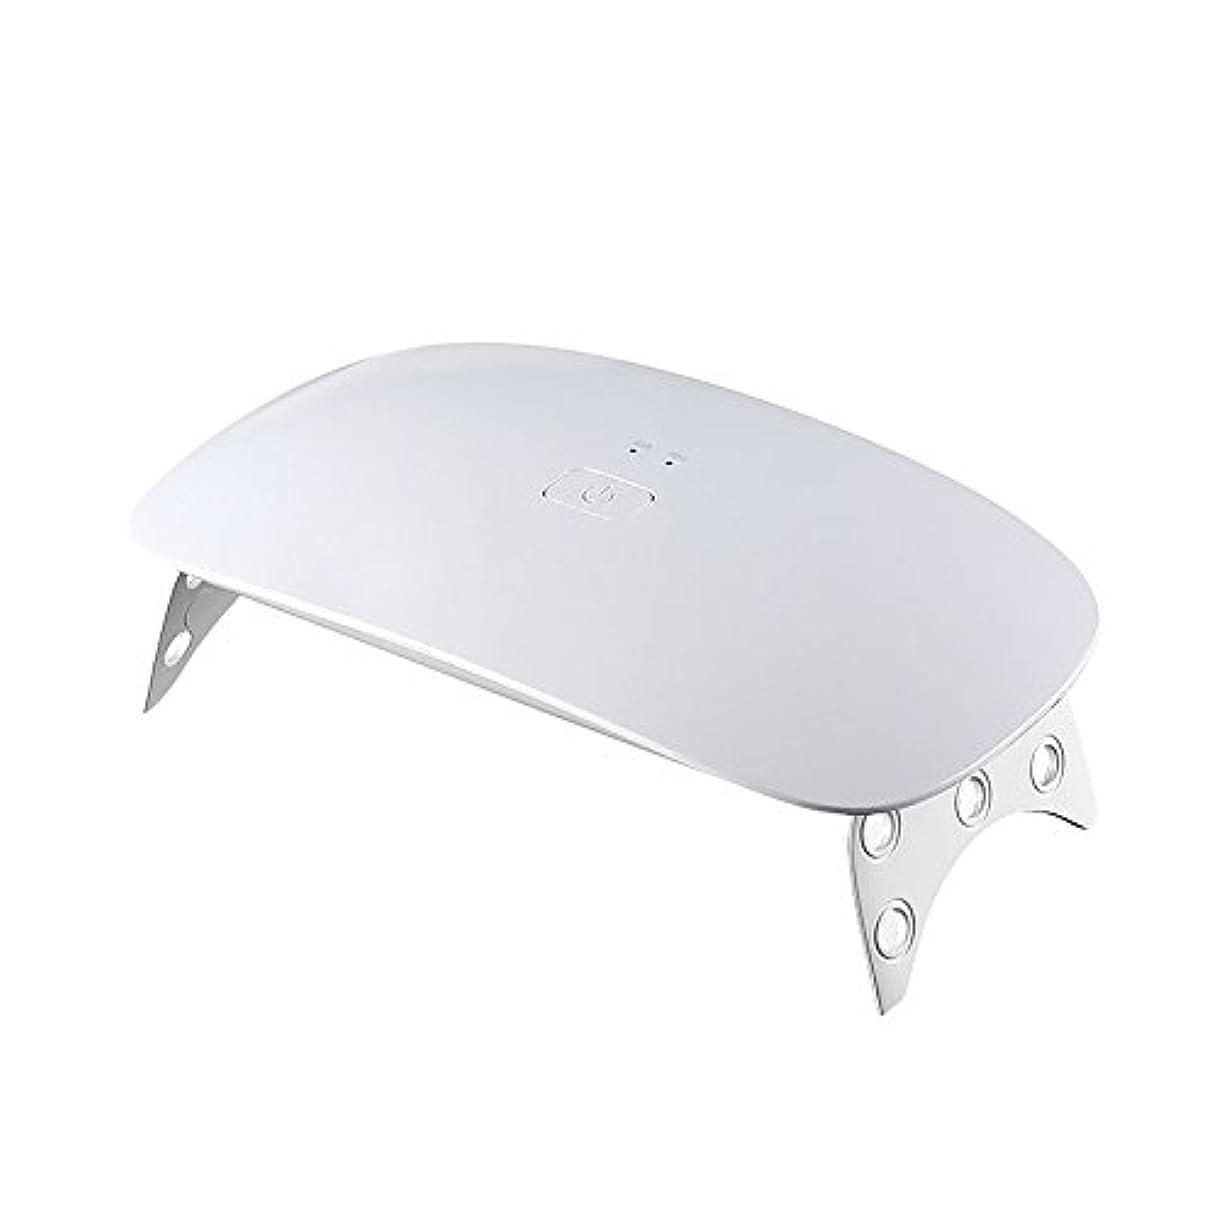 飾り羽演劇厳しいOurine ジェルネイルライト LEDネイルドライヤー UVライト ネイルライト 手足両用 速乾 タイマー設定可能 時間設定 180度照射 折りたたみ 携帯便利